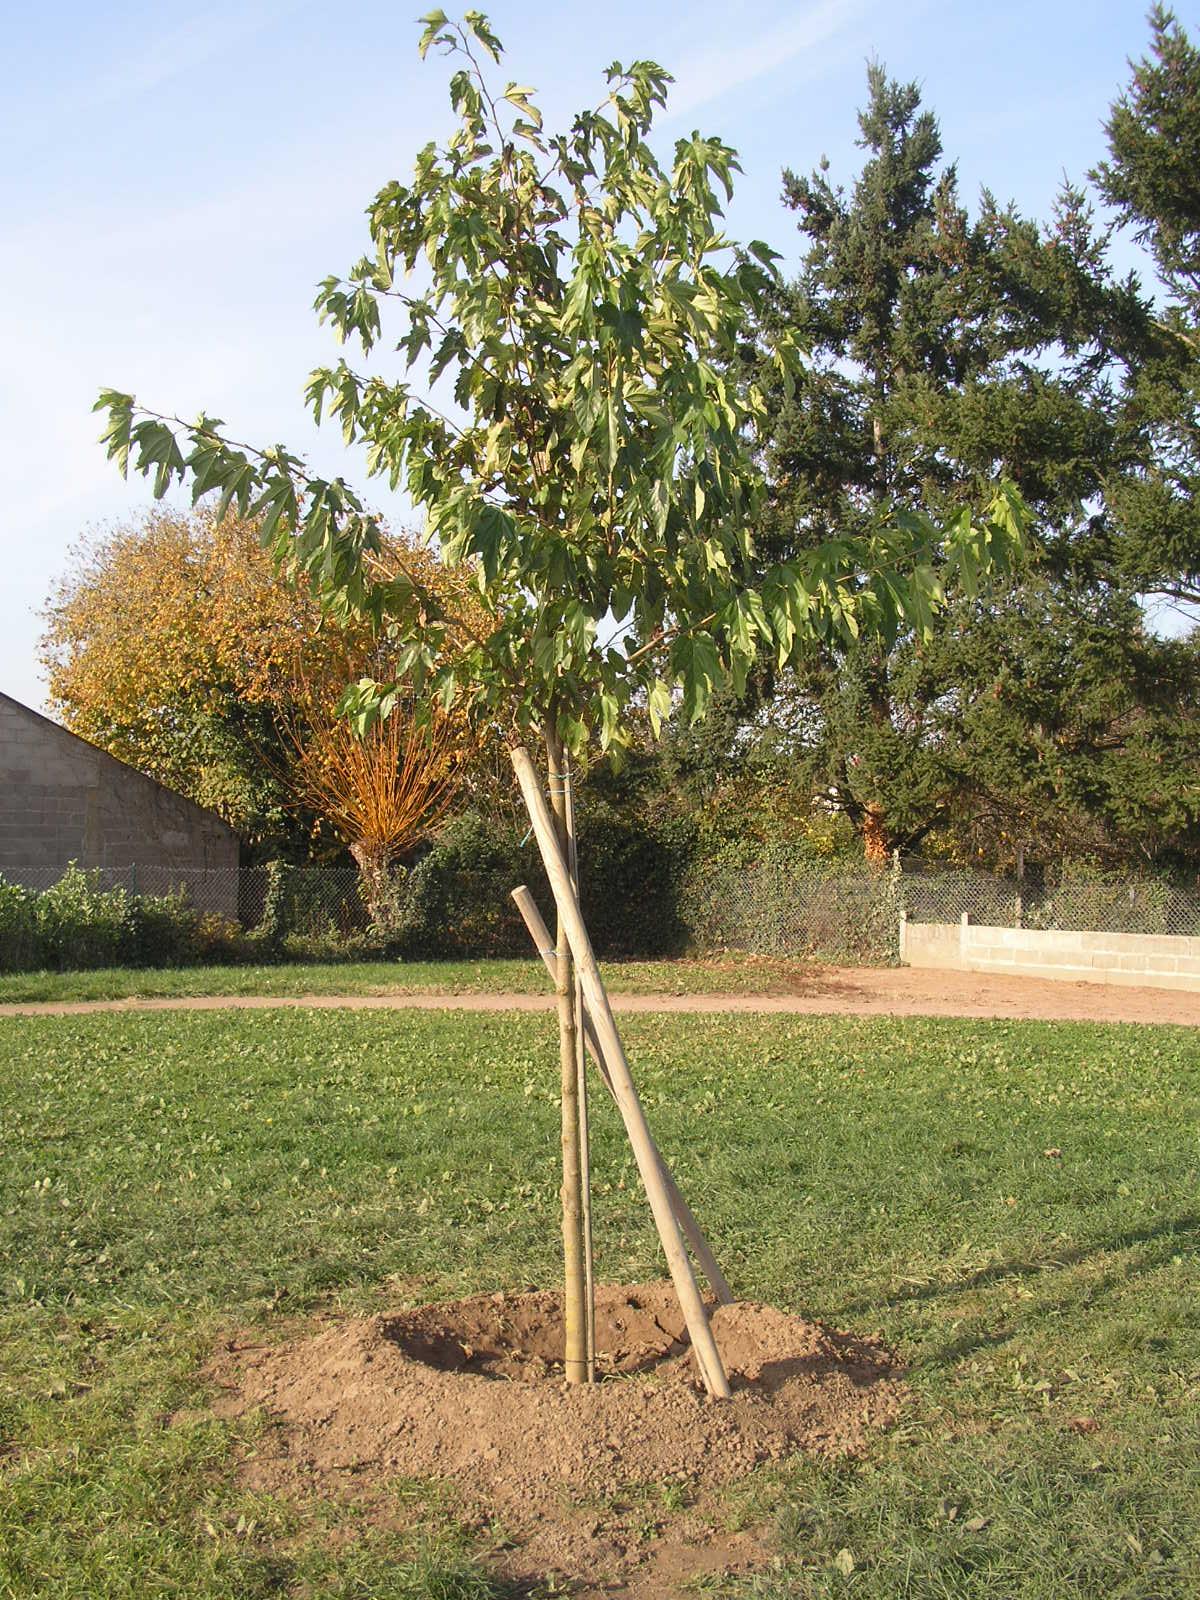 Ecole publique de saint genouph plantation d 39 un arbre - Plantation d un fruitier ...